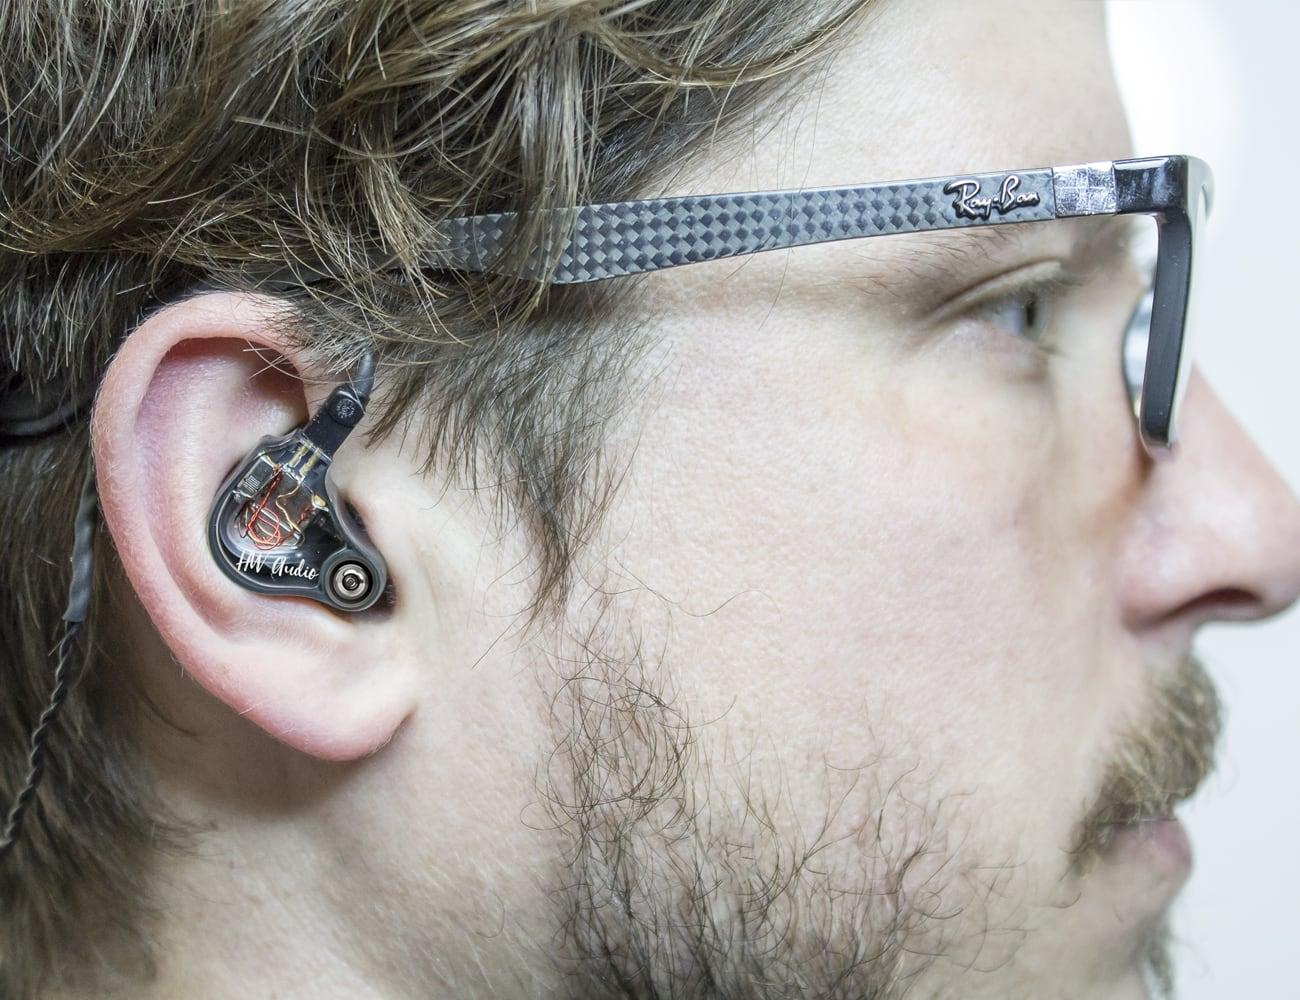 HW Audio 3D Printed In-Ear Monitors